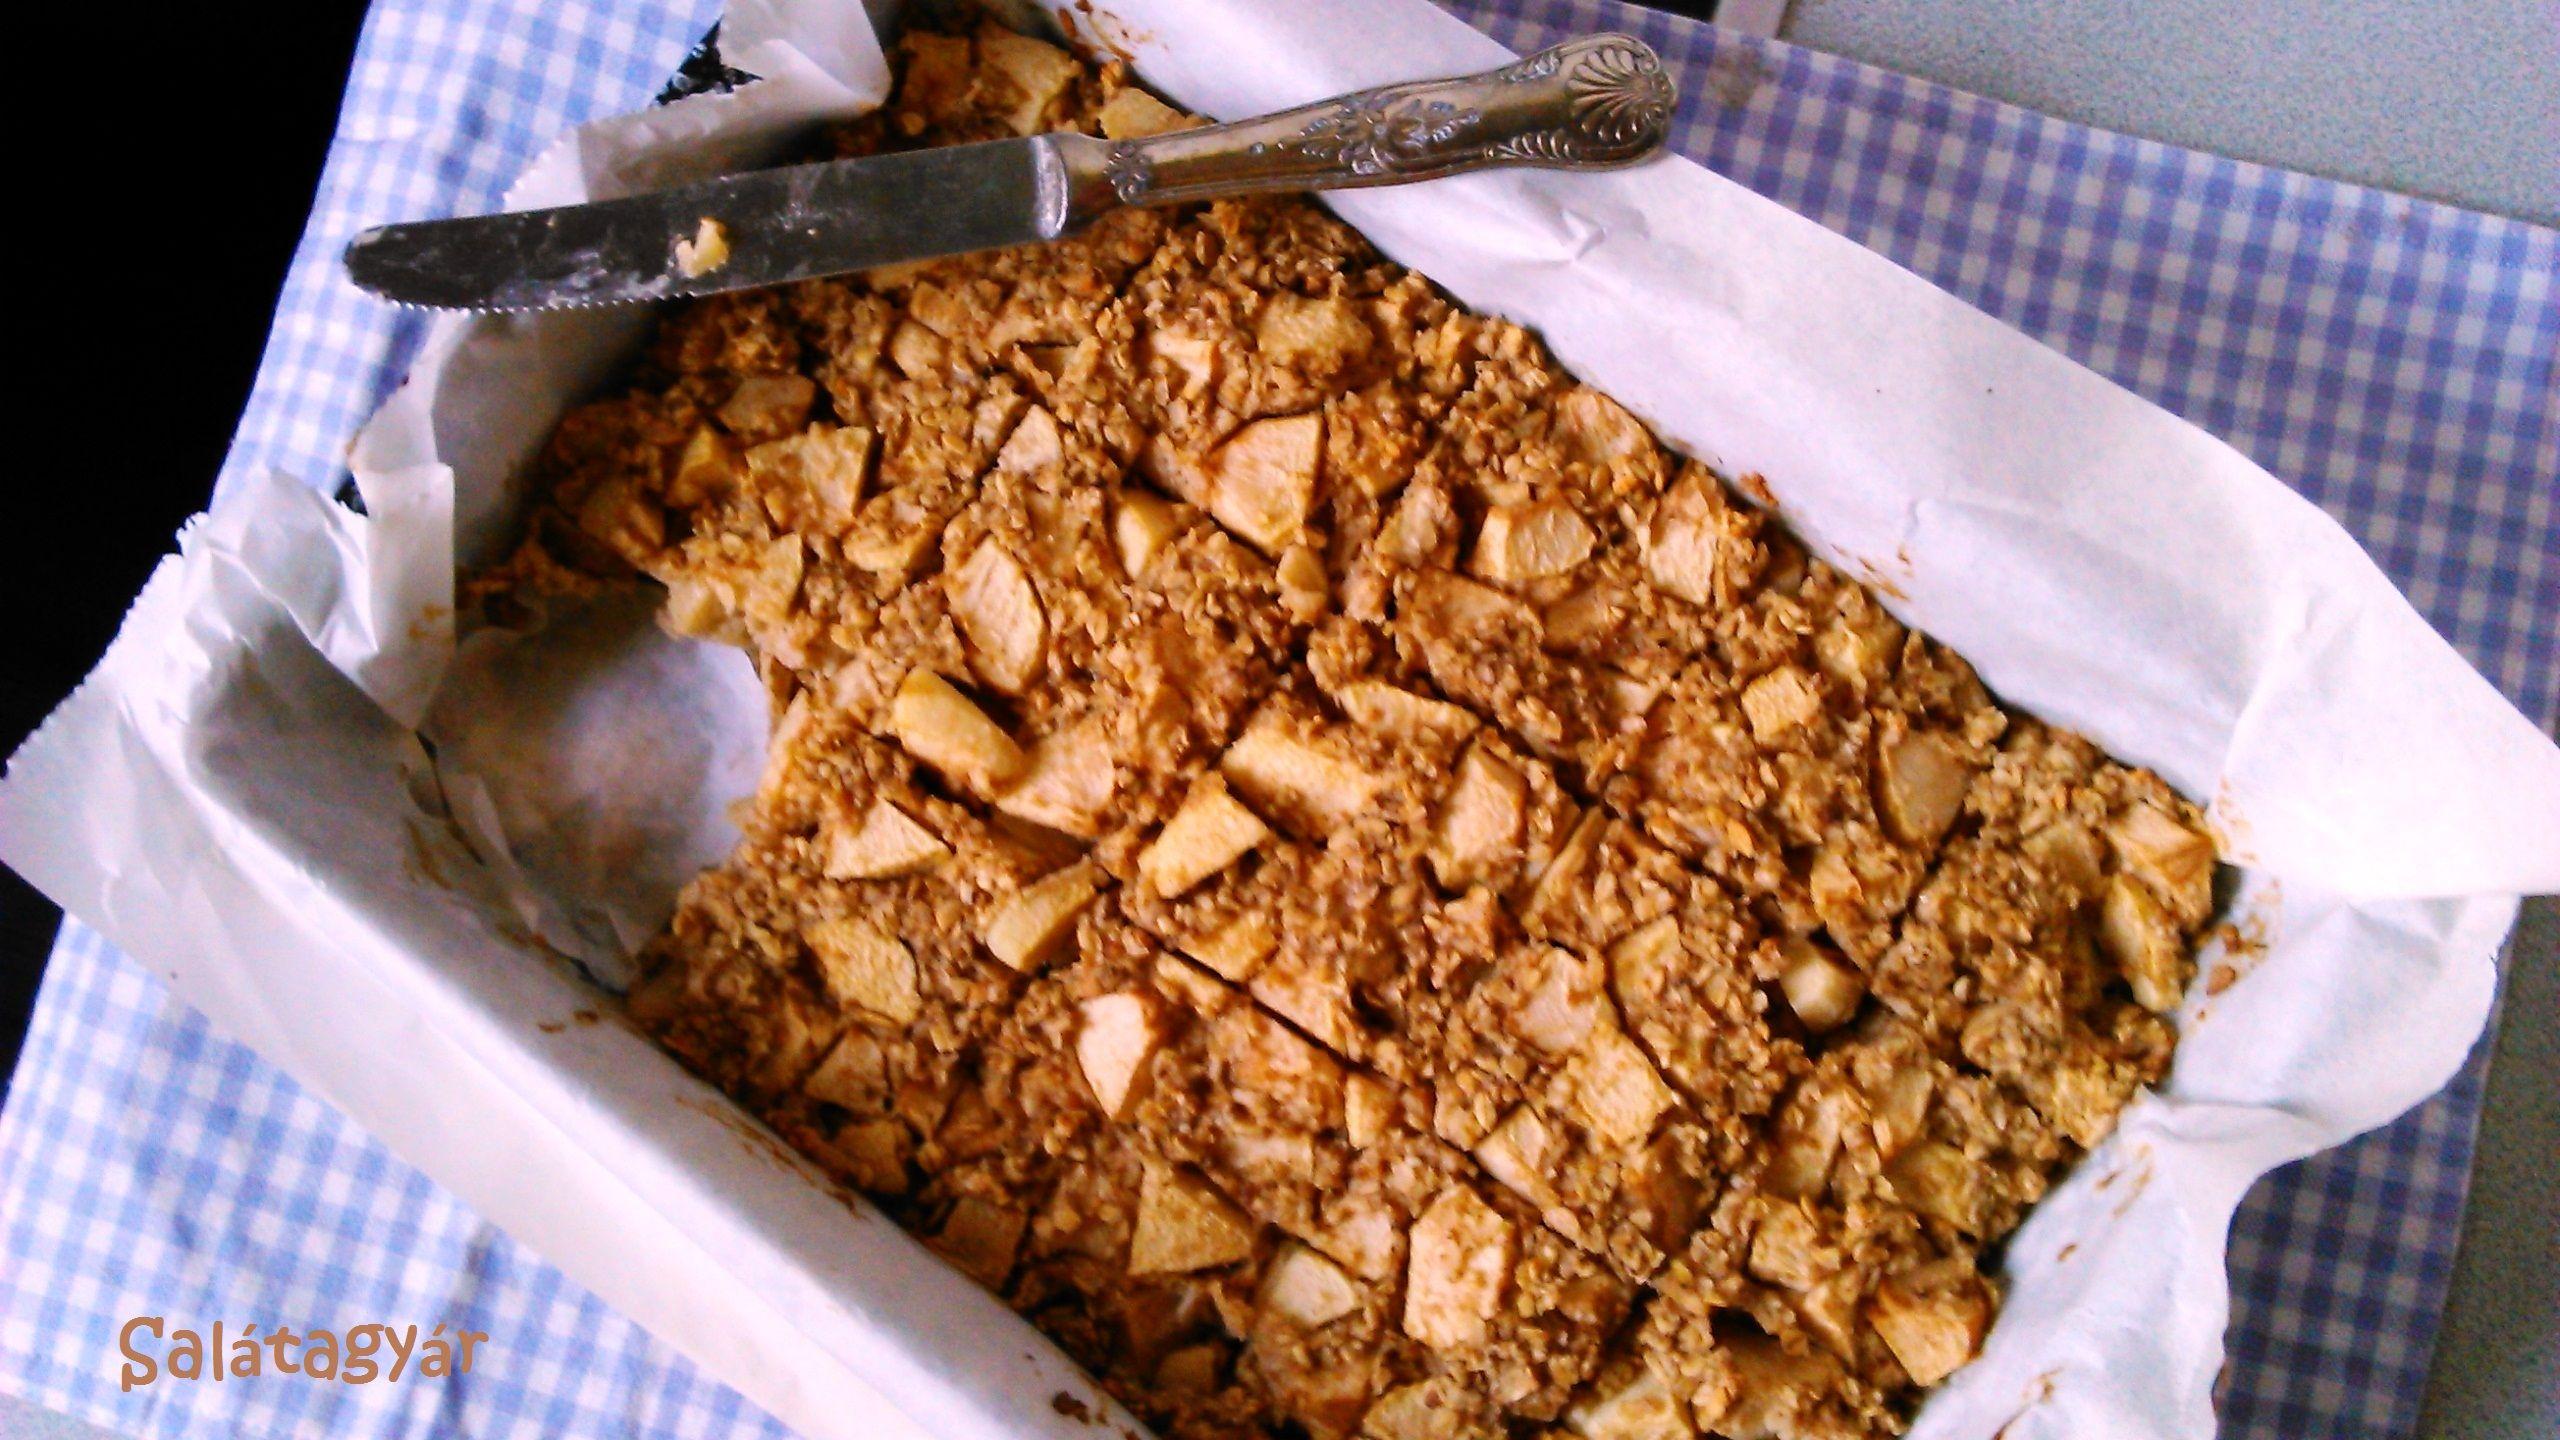 Diétás tésztaételek - Fogyókúra | Femina